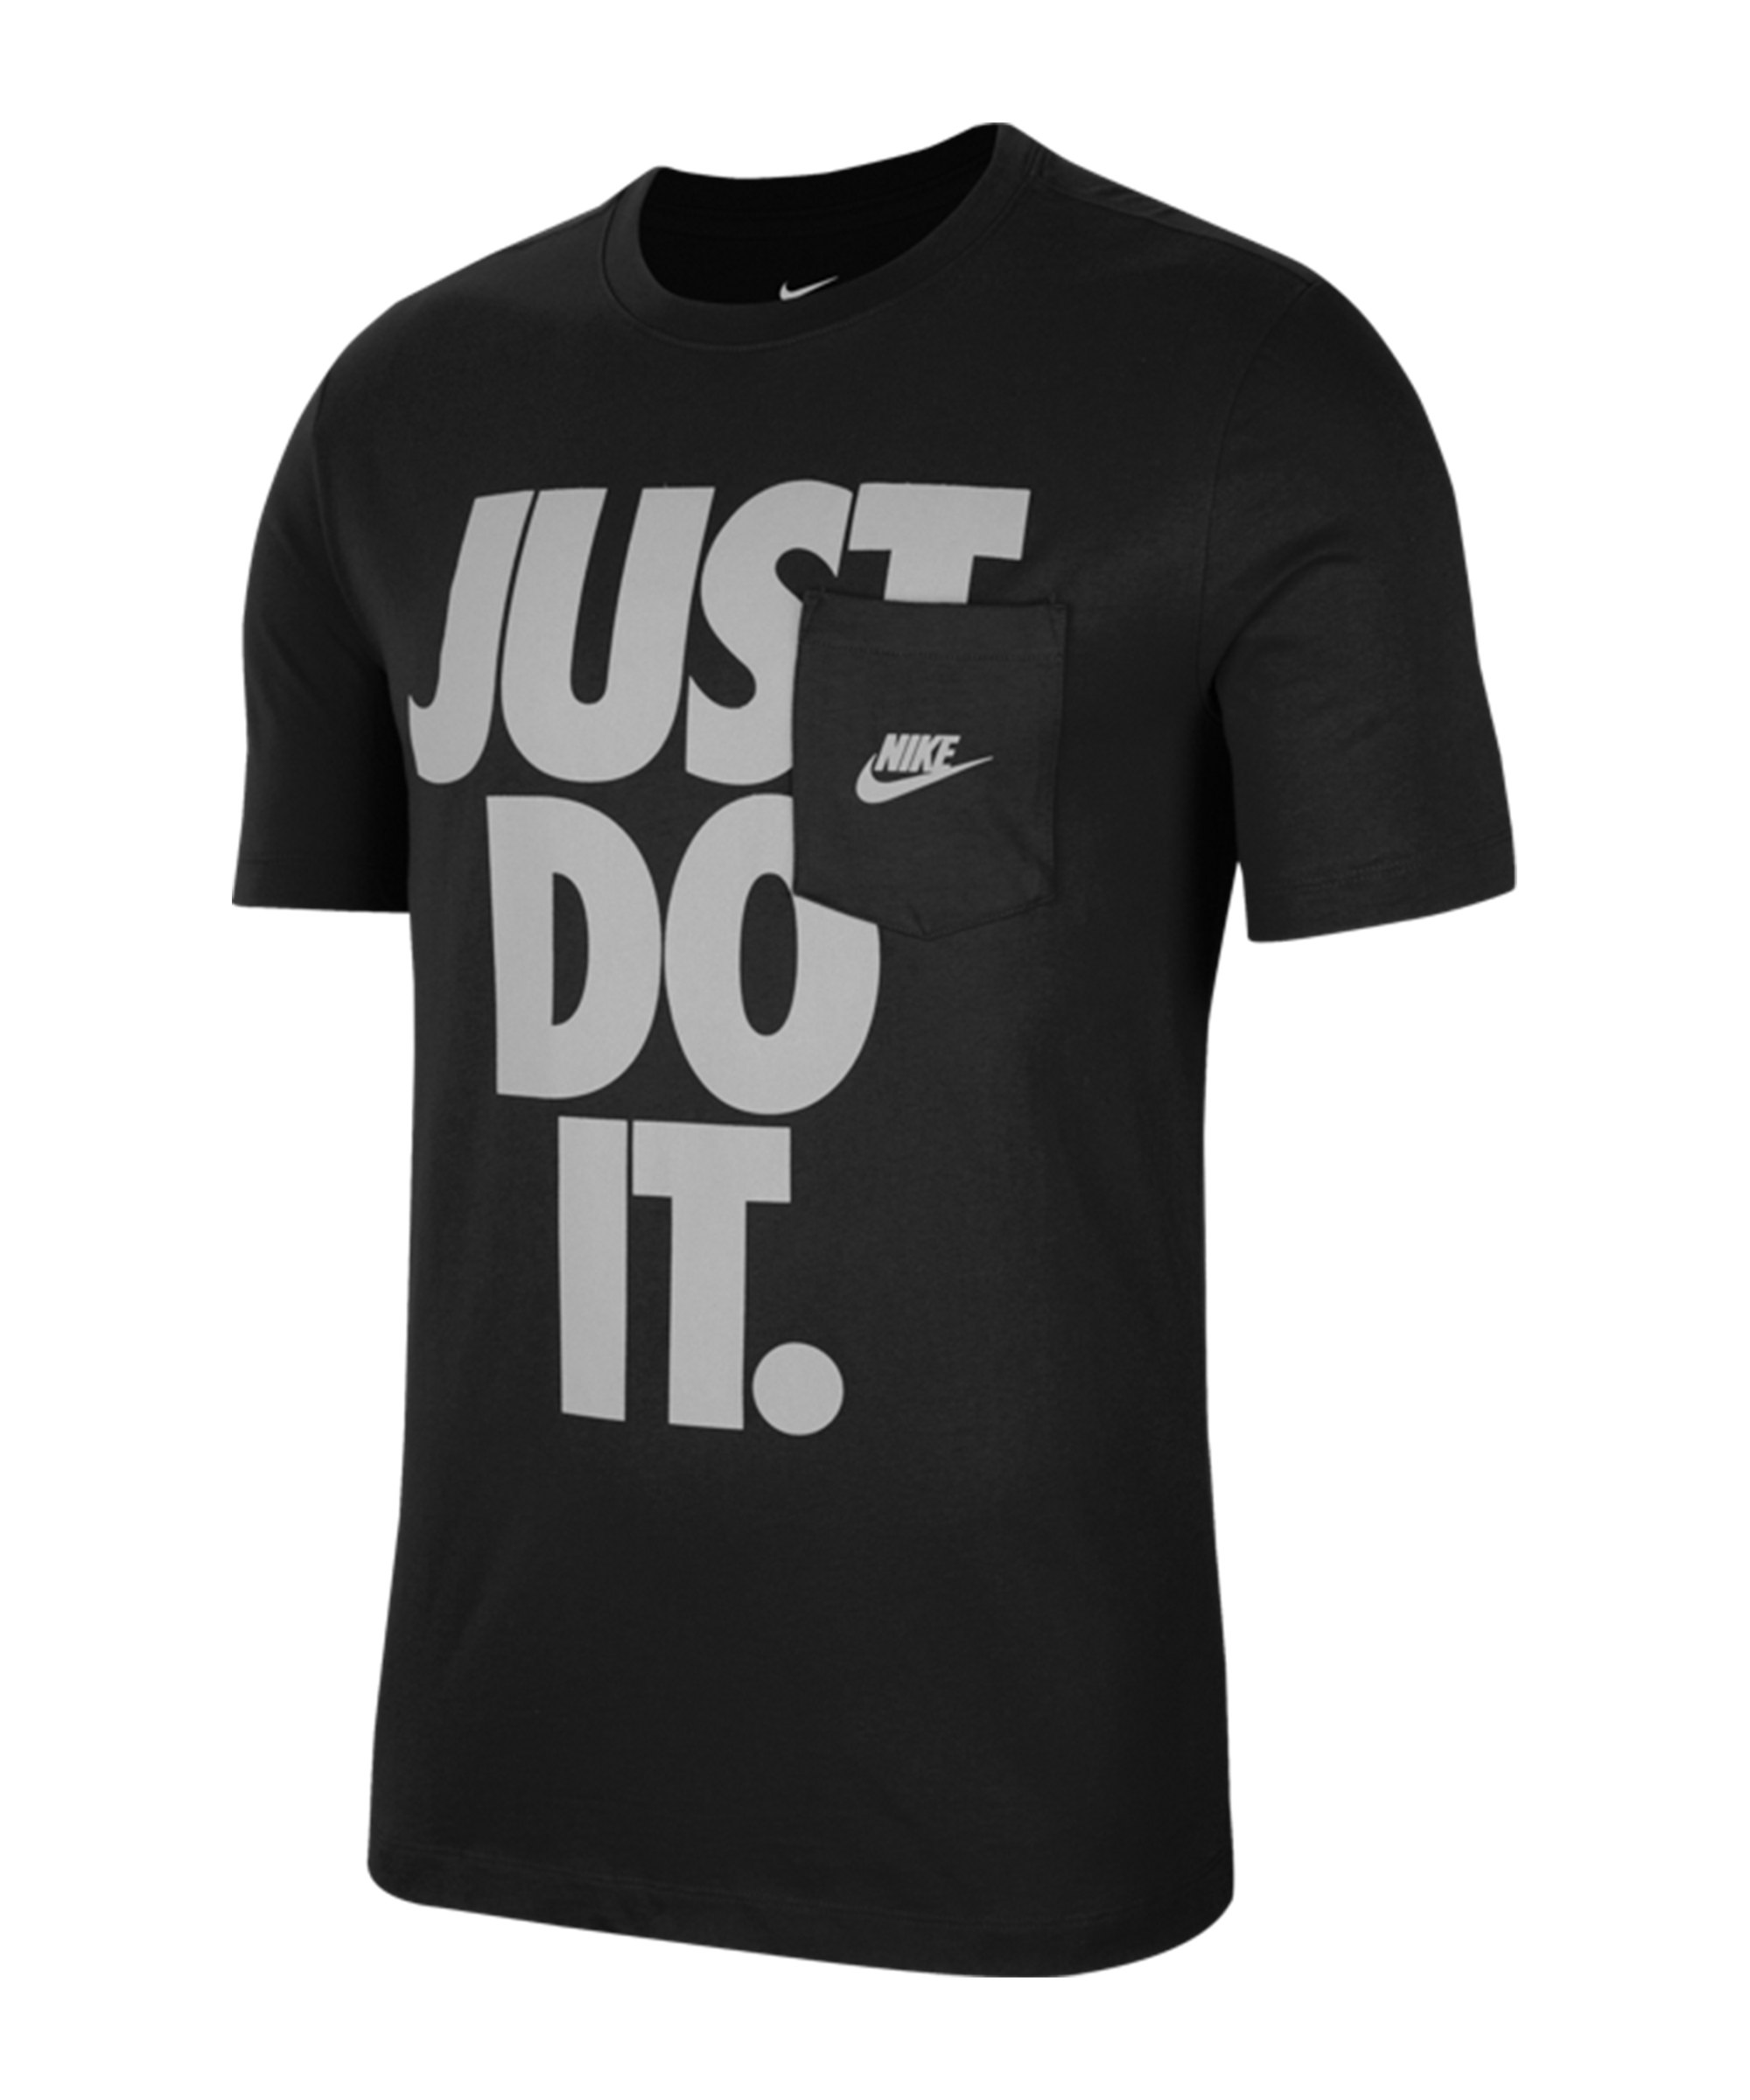 Nike Just Do It Pocket T-Shirt Schwarz F010 - schwarz